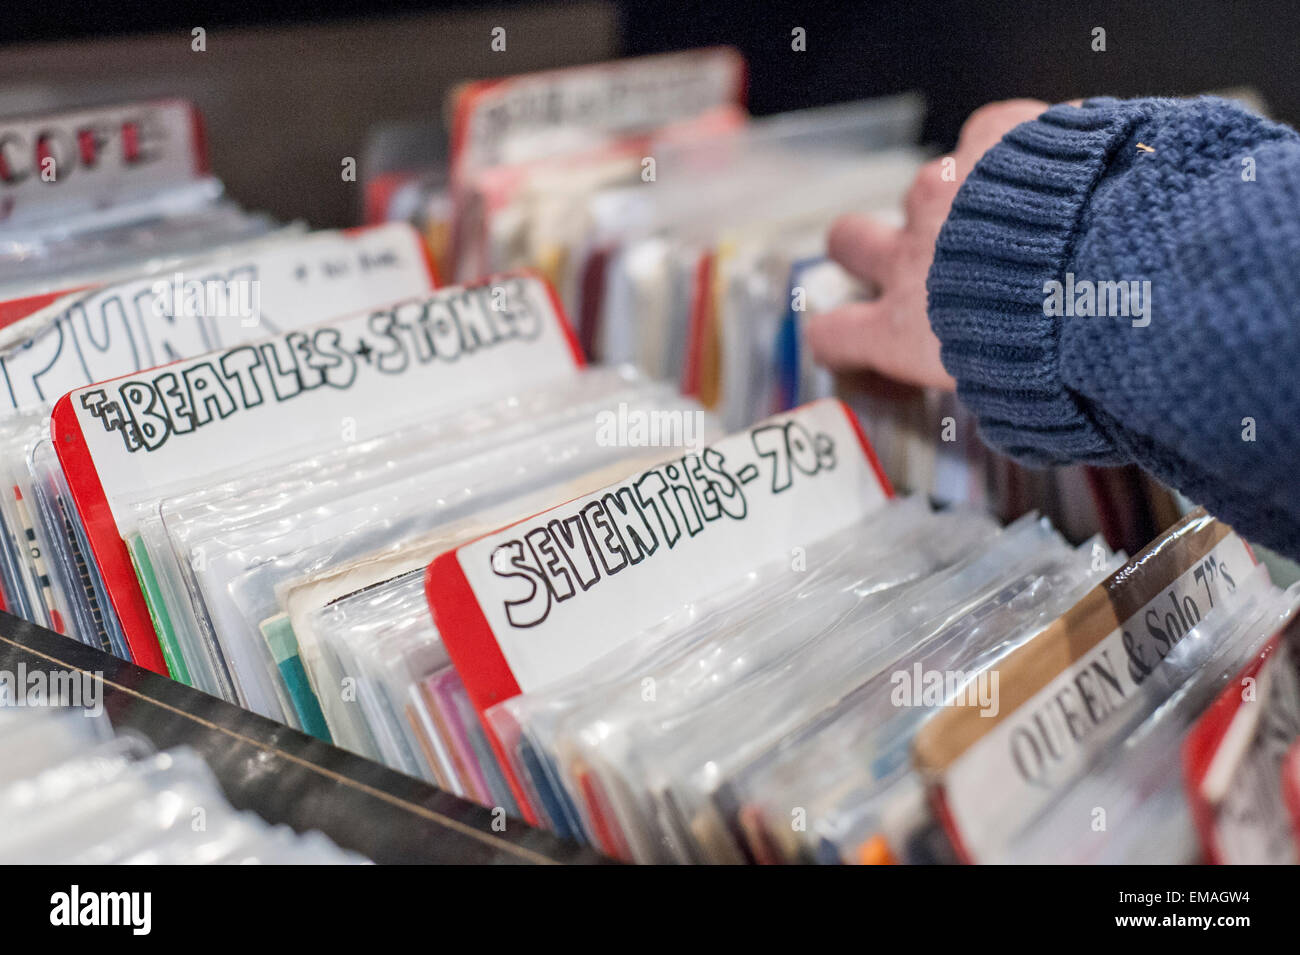 London, UK. 18. April 2015. 70er Jahre Musik zum Verkauf als Musikliebhaber Vinyl sammeln zum Stöbern und kaufen Stockbild